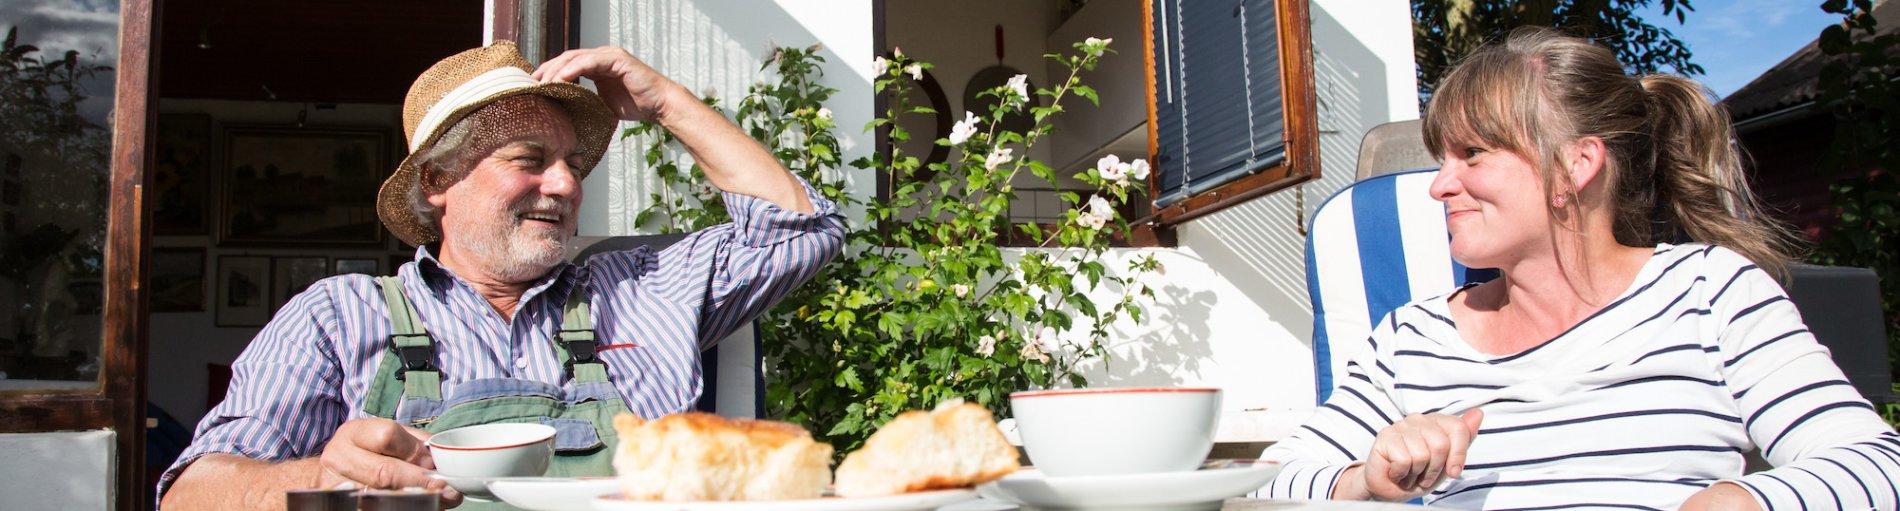 Ein Mann und eine Frau sitzen an einem Gartentisch und lachen sich zu; Quelle: WFB/Jens Lemkühler